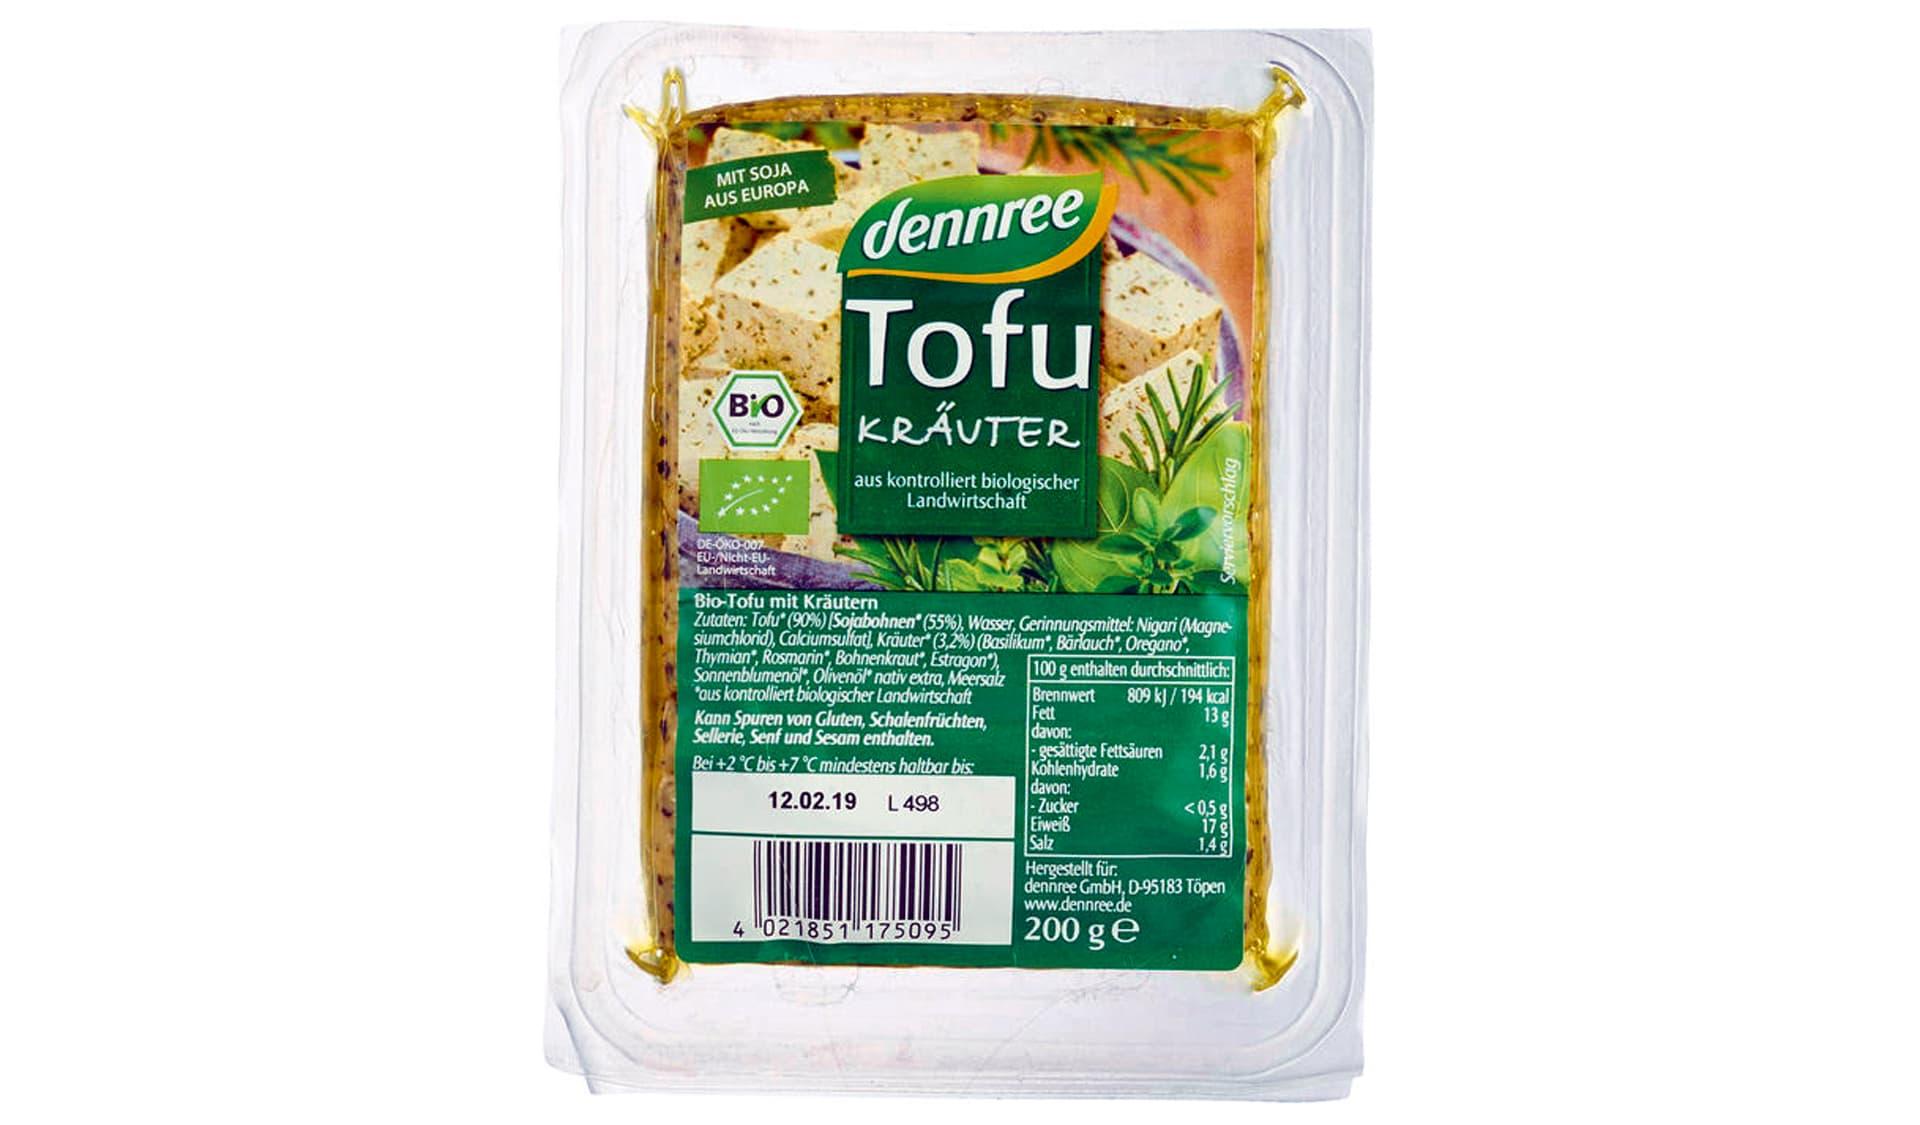 Dennree Tofu Kräuter (www.dennree.de)